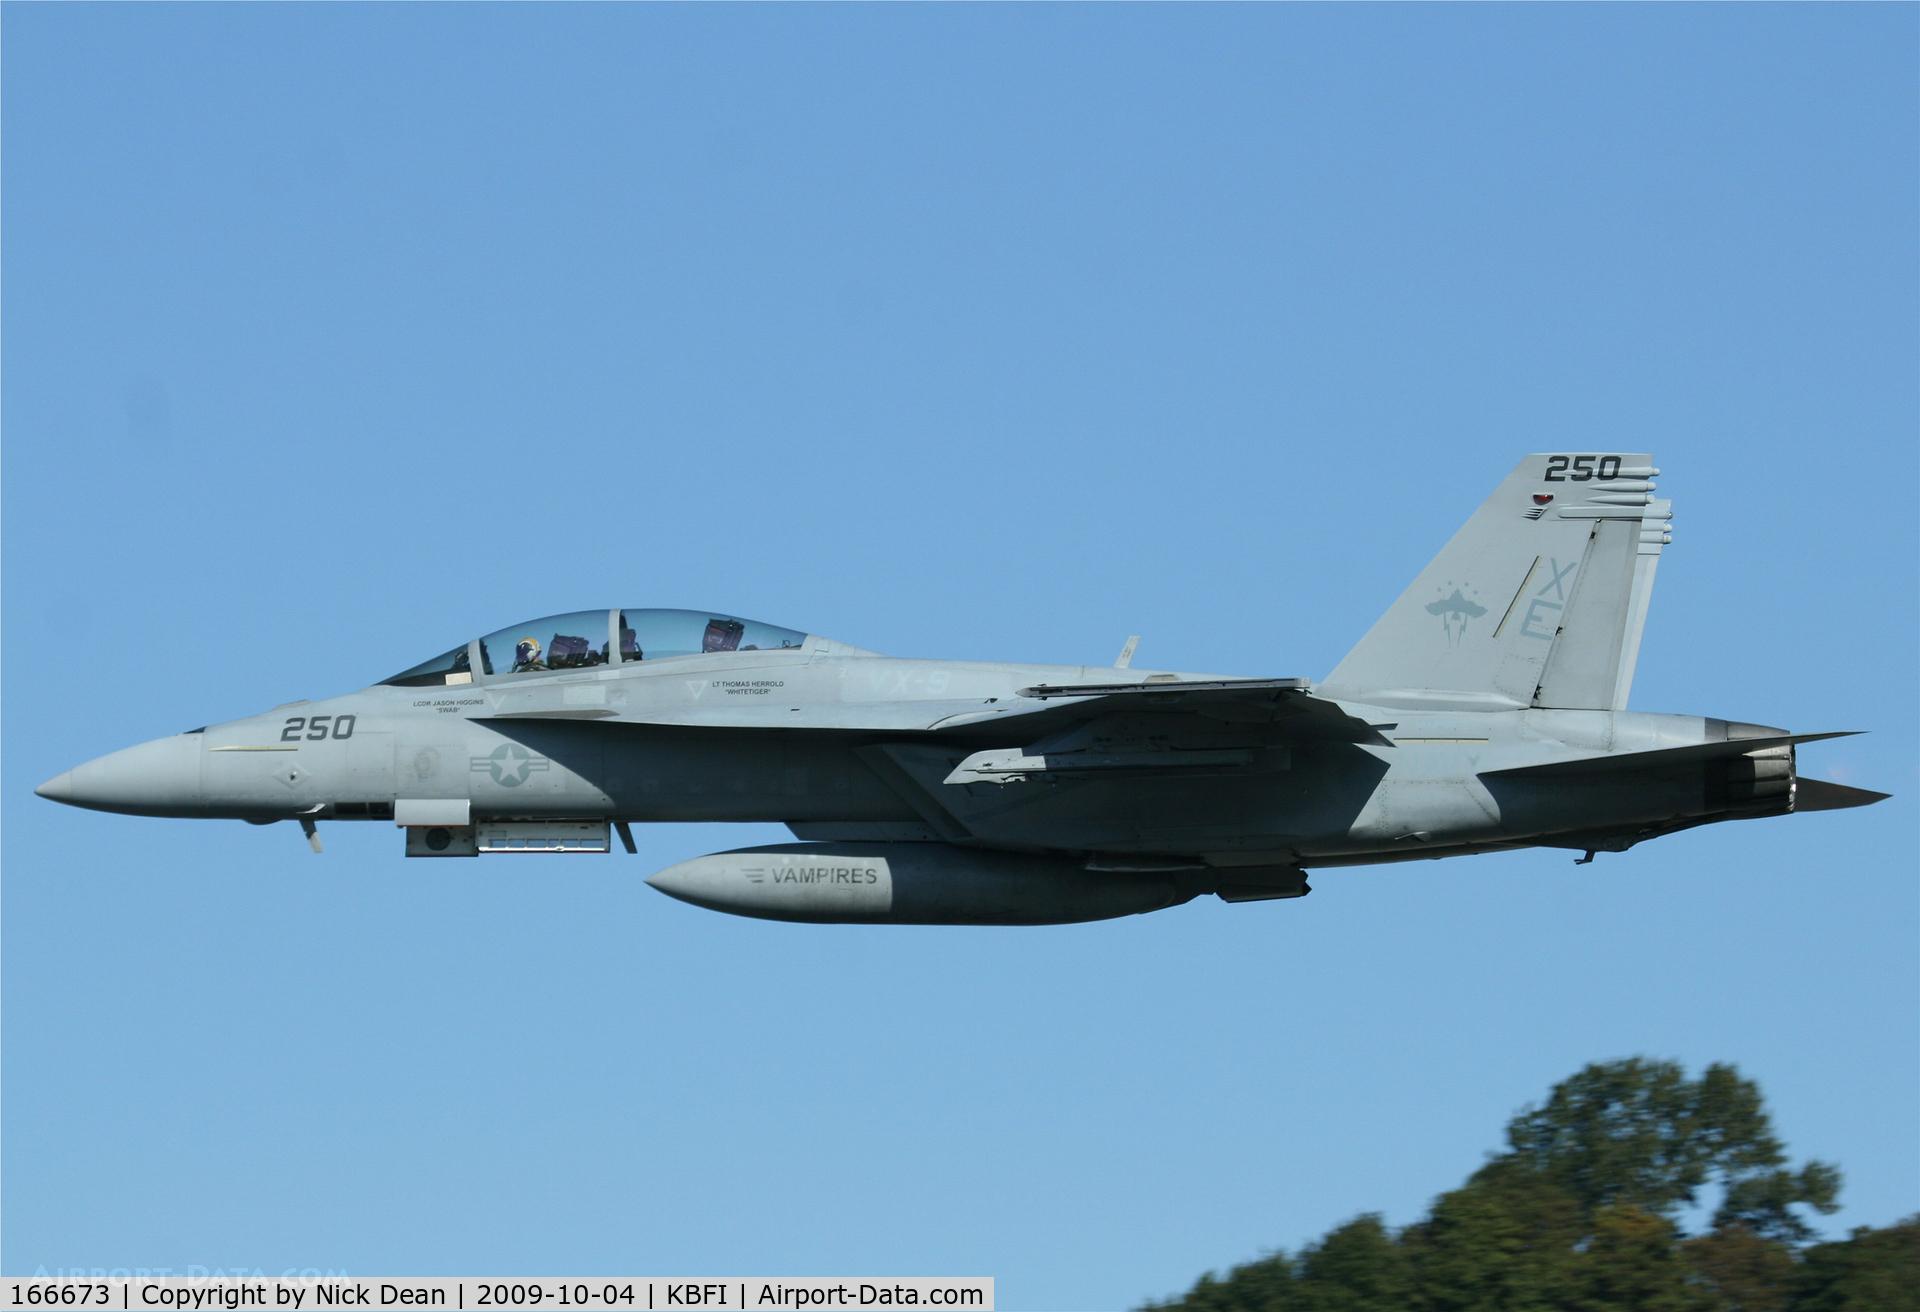 166673, Boeing F/A-18F Super Hornet C/N F151, KBFI